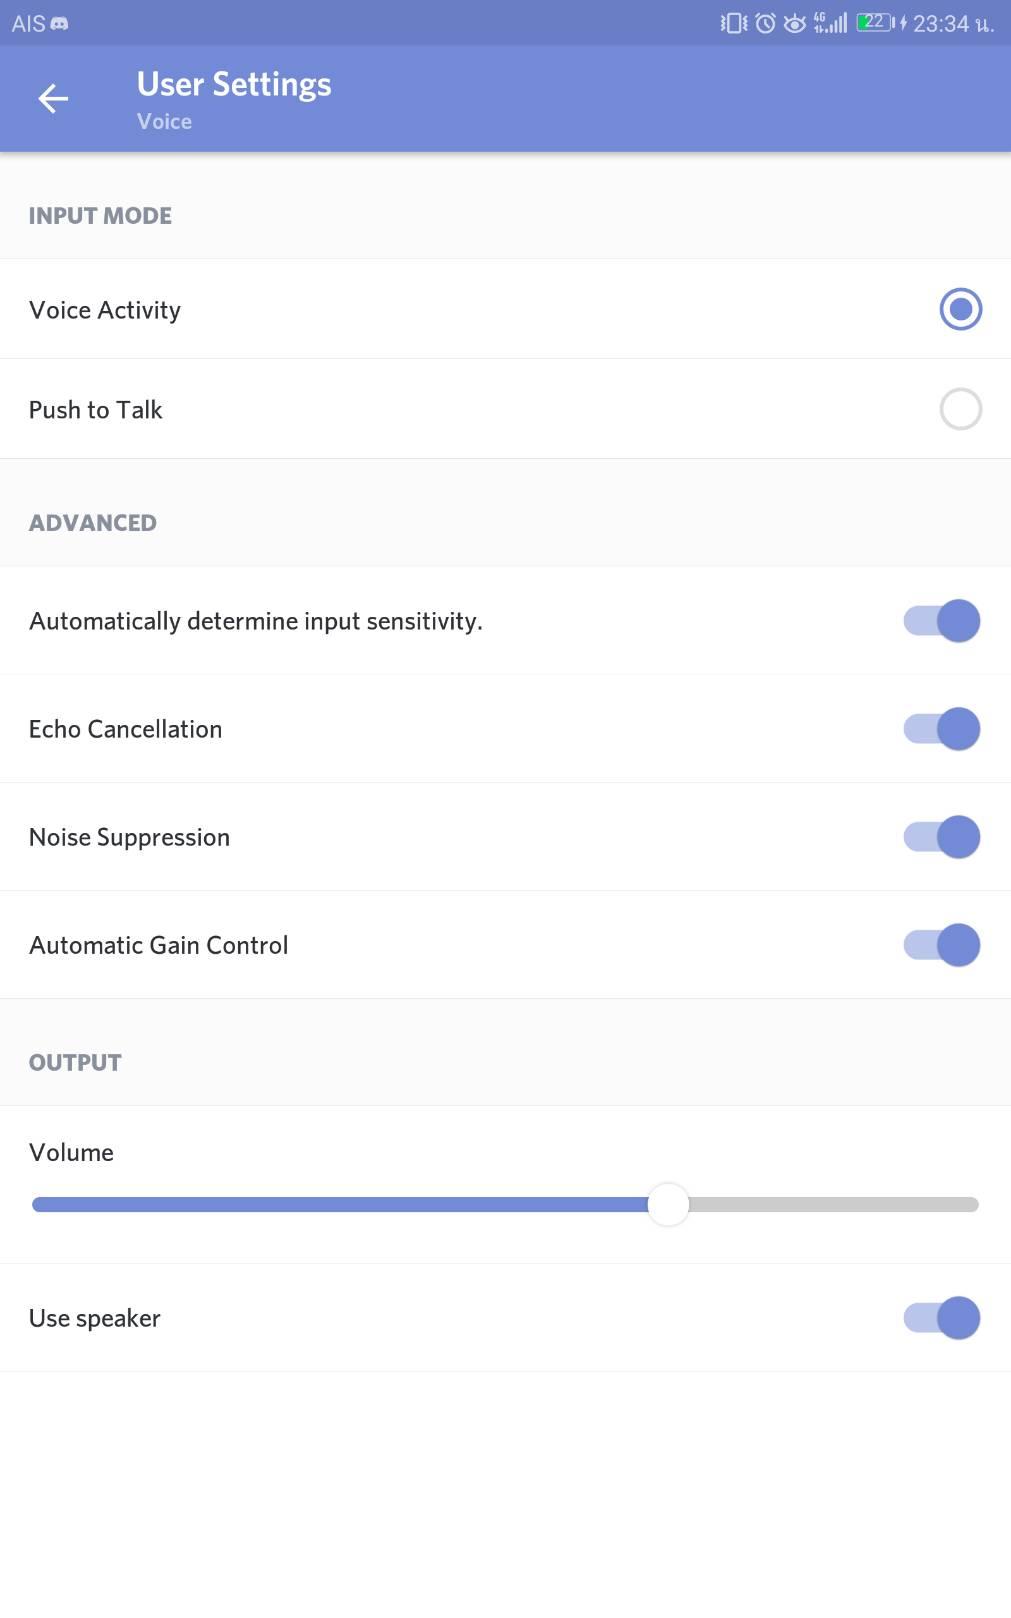 ขอคำแนะนำ โปรแกรม discord android พูดไม่ได้ฟังได้อย่างเดียว